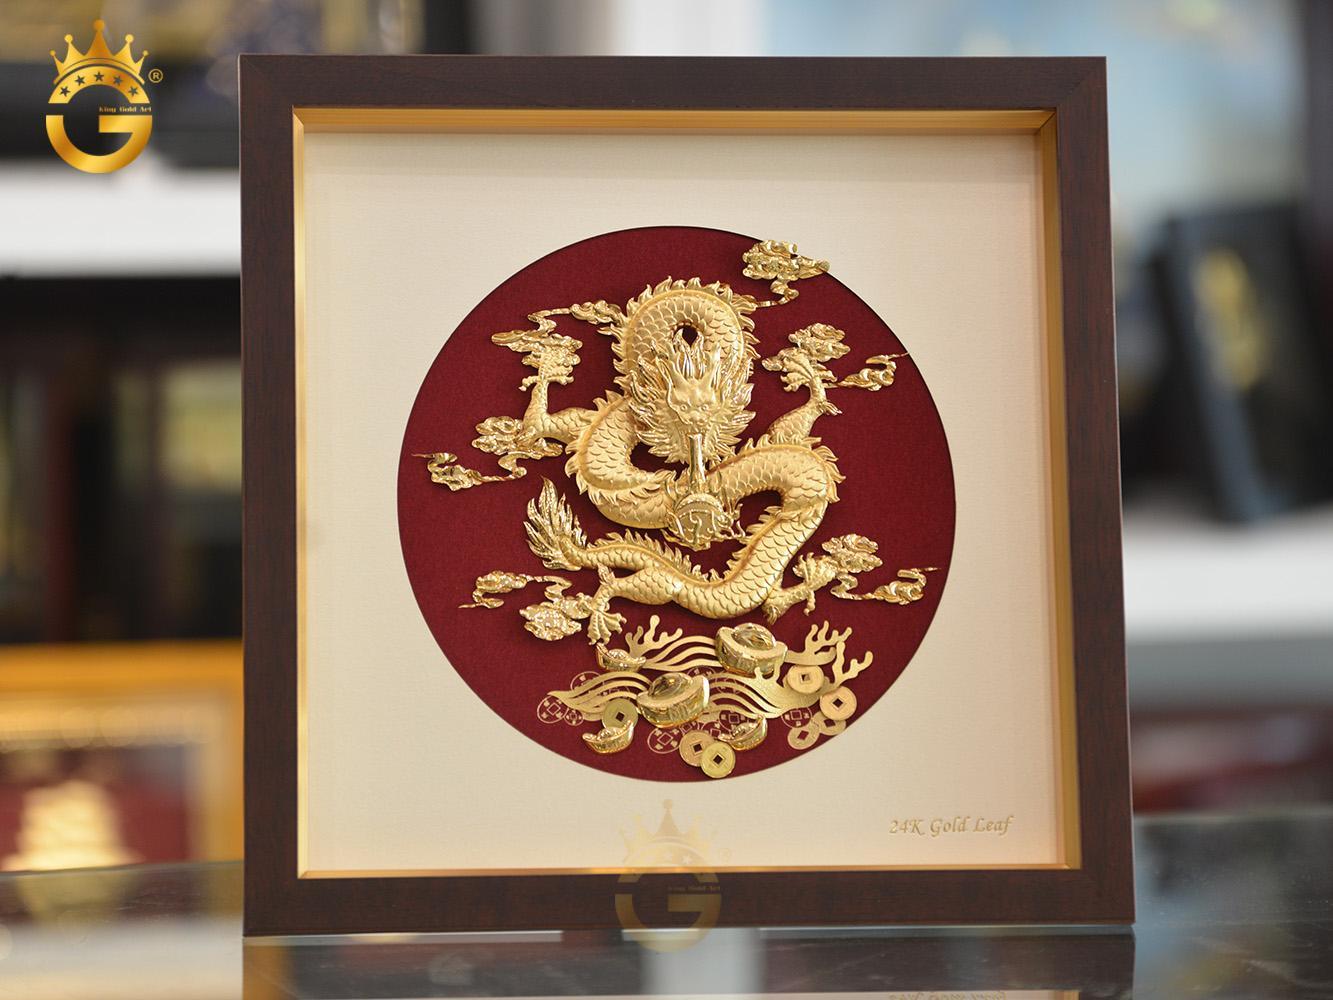 Tranh vàng 24k, tranh rồng phú quý tại Vua quà vàng King Gold